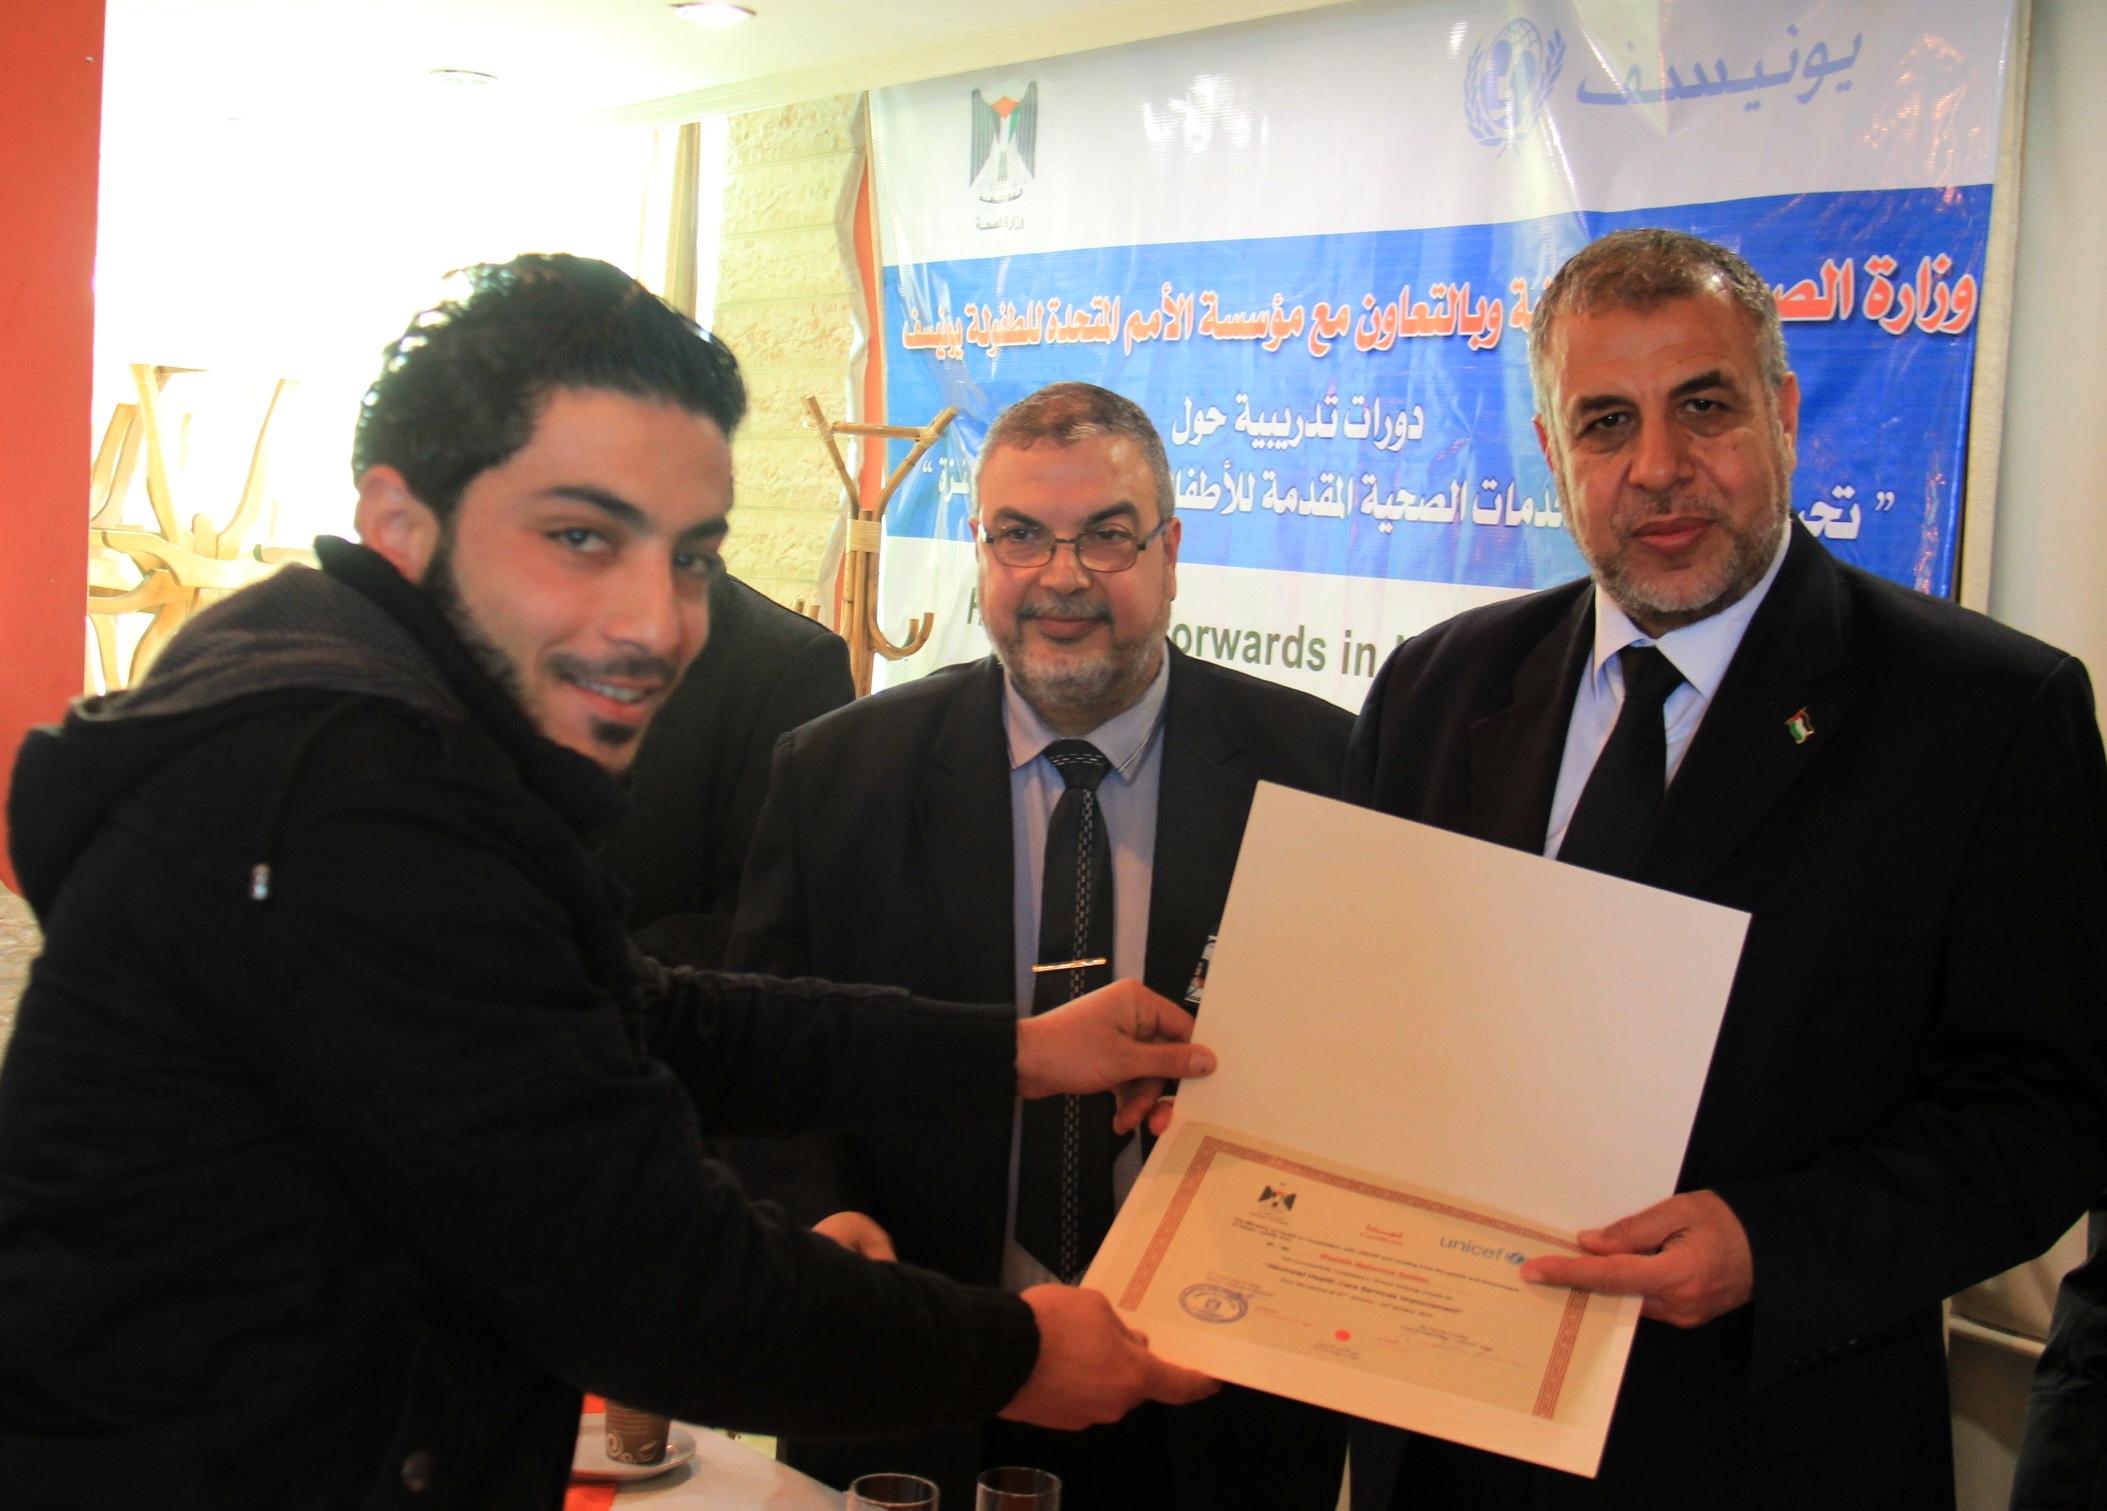 بالتعاون مع اليونسيف…الصحة تختتم  دورات تدريبية حول تحسين الخدمات الصحية لحديثي الولادة بغزة